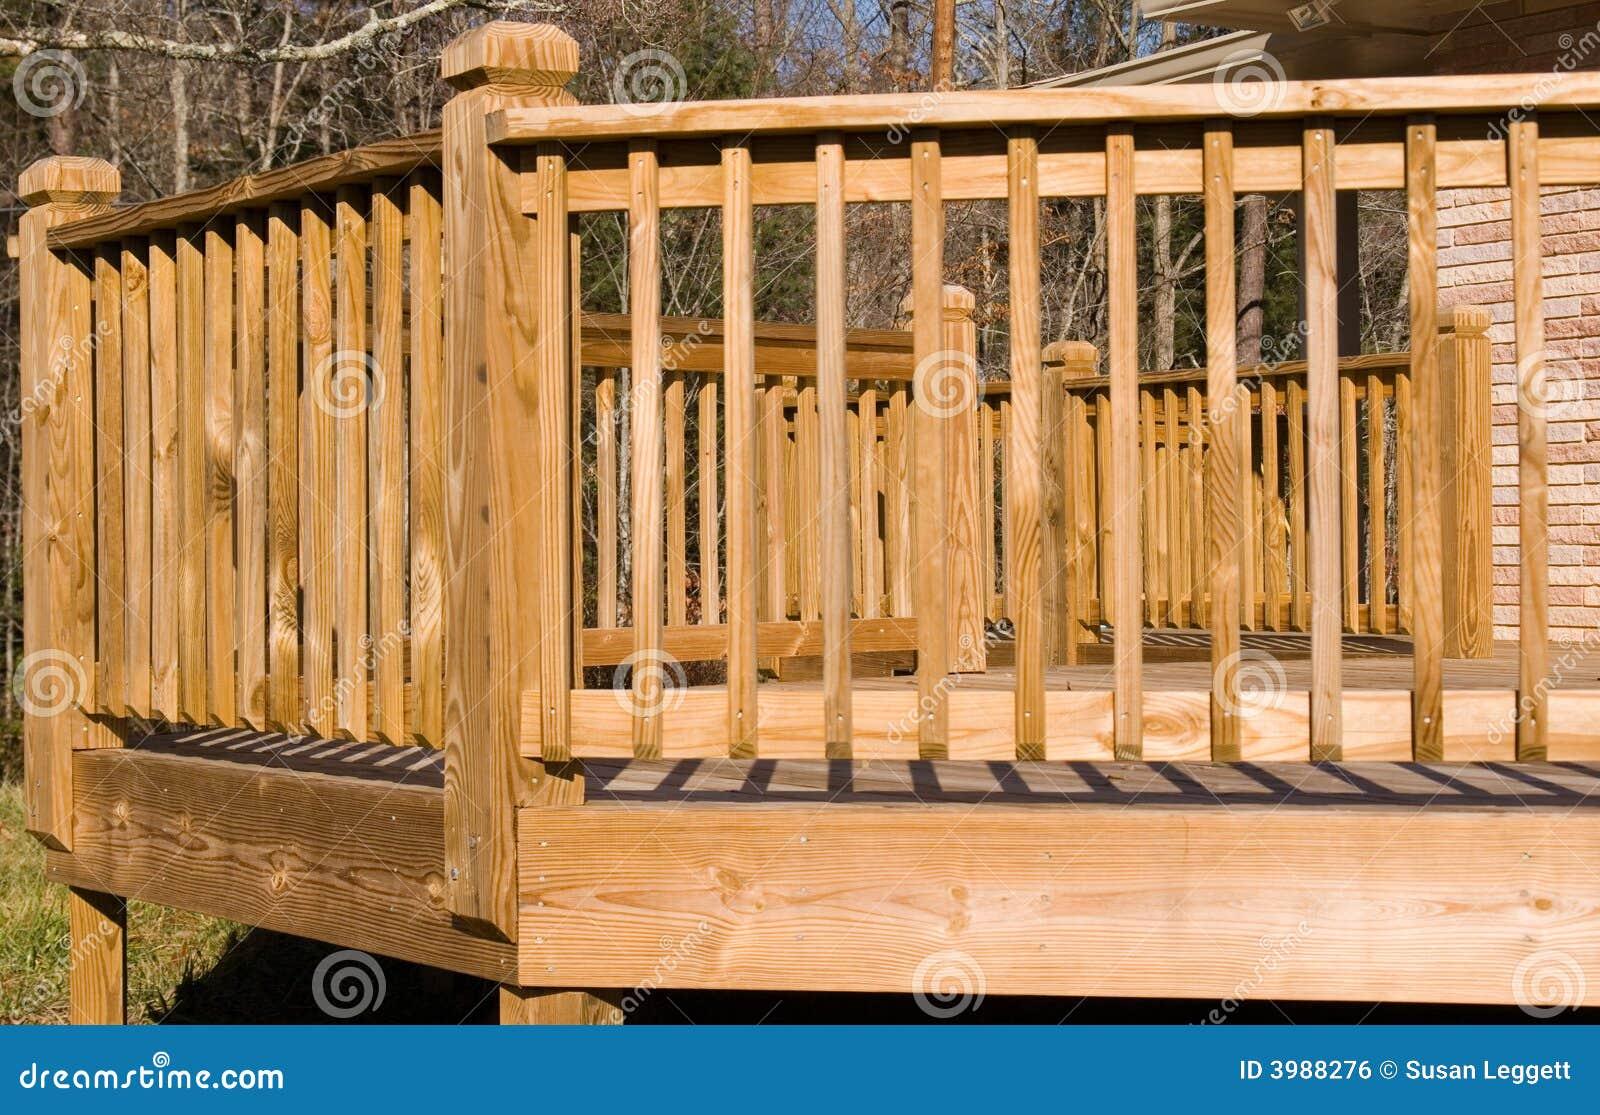 Buiten een houten dek stock foto afbeelding bestaande uit raad 3988276 - Ontwerp leuning ...